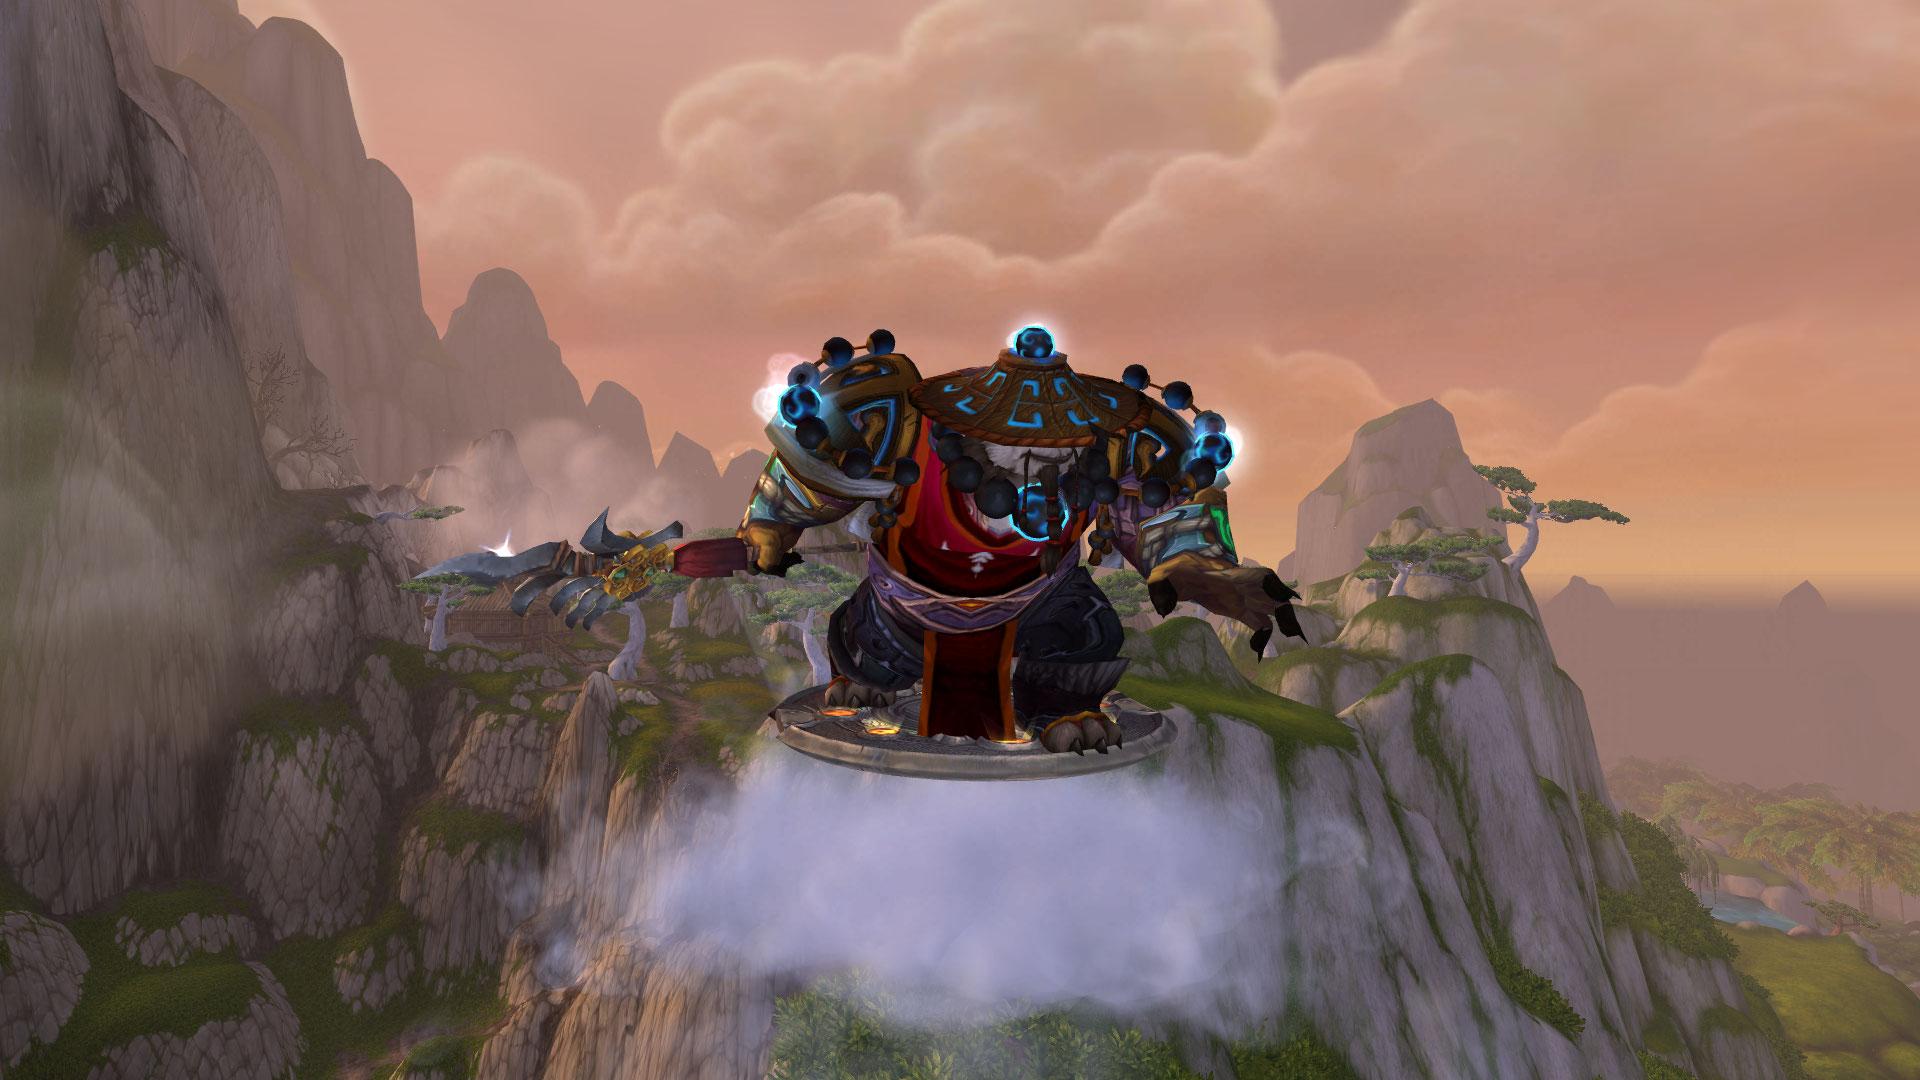 World of Warcraft: Gratis-Pandas – Grundspiel enthält jetzt Mists of Pandaria